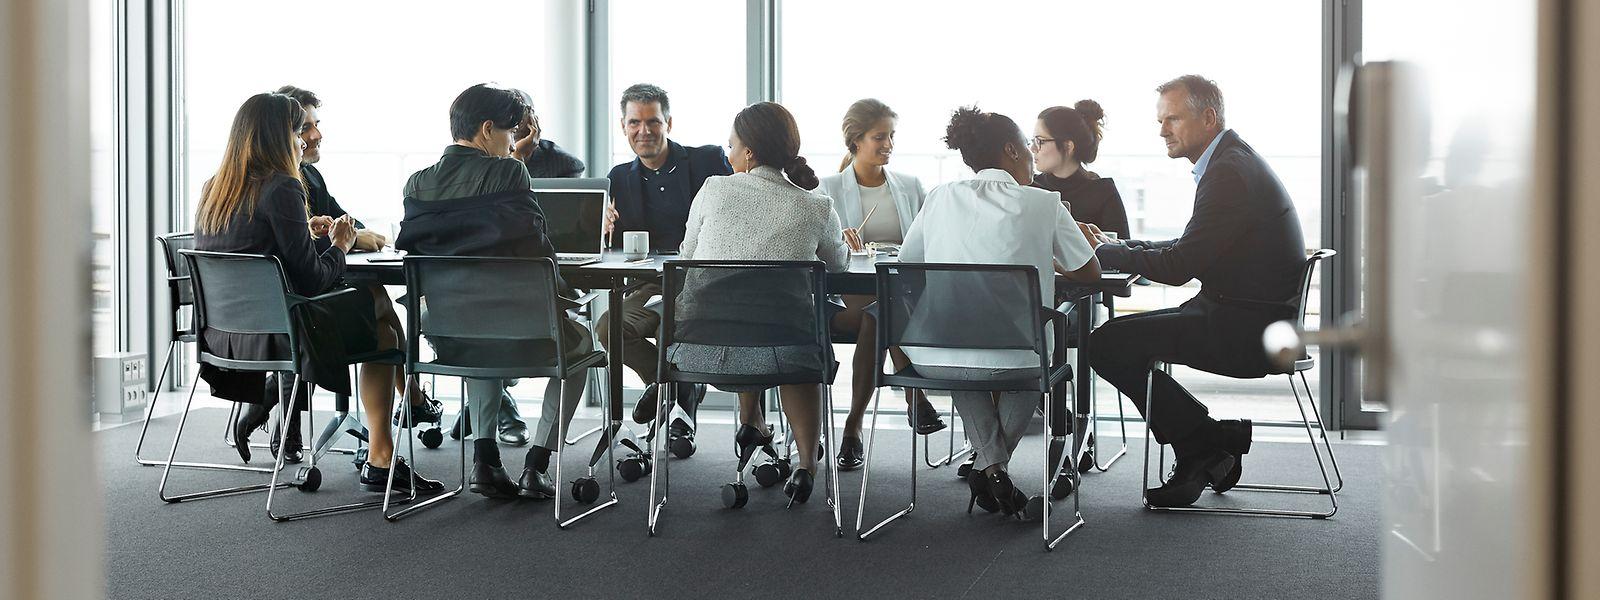 Selon le coach Enrico Abitelli, une réunion ne doit pas compter plus d'une dizaine de participants pour être efficace.